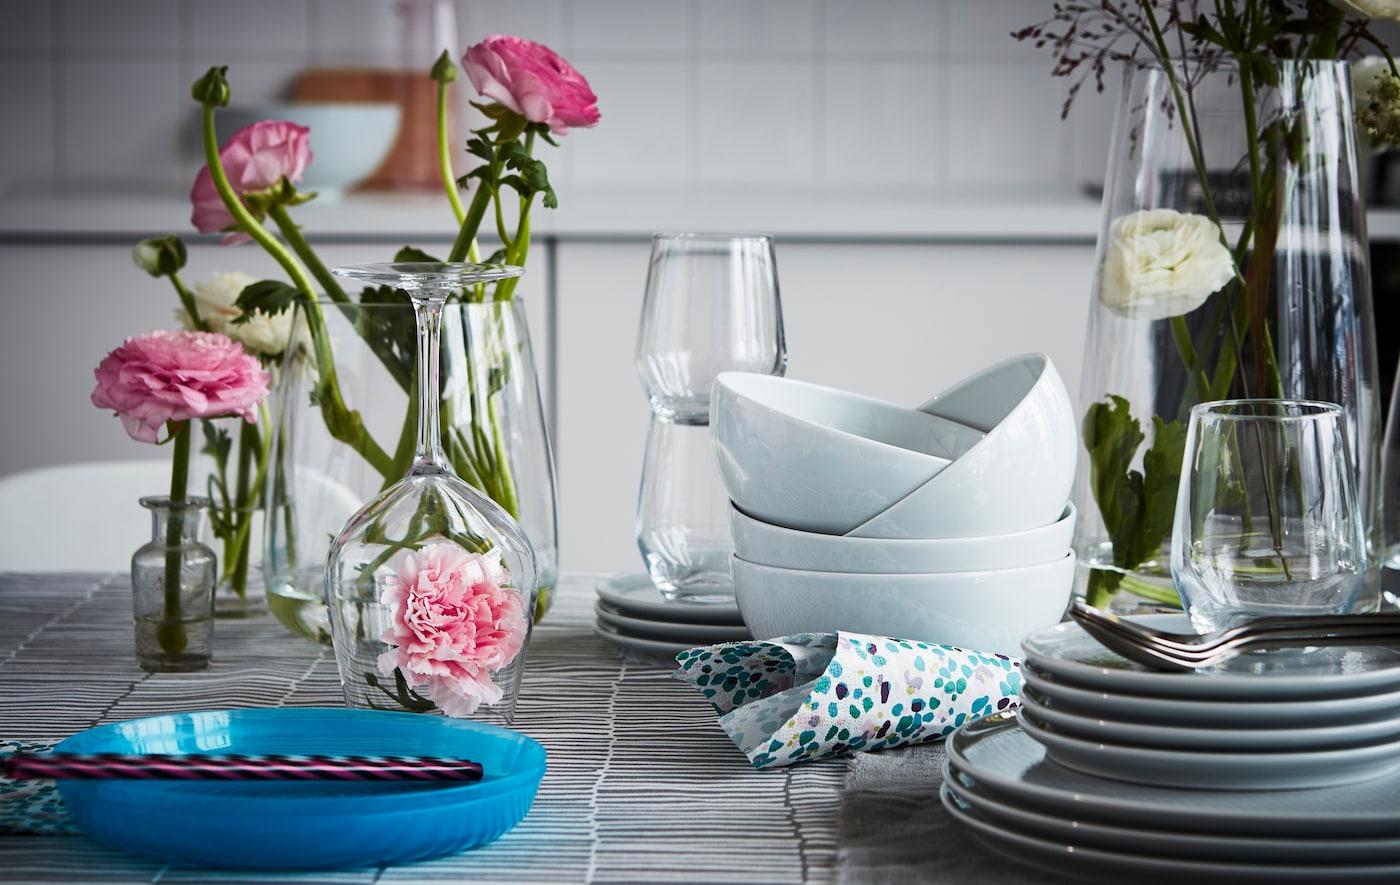 tisch dekorieren einladende ideen ikea. Black Bedroom Furniture Sets. Home Design Ideas